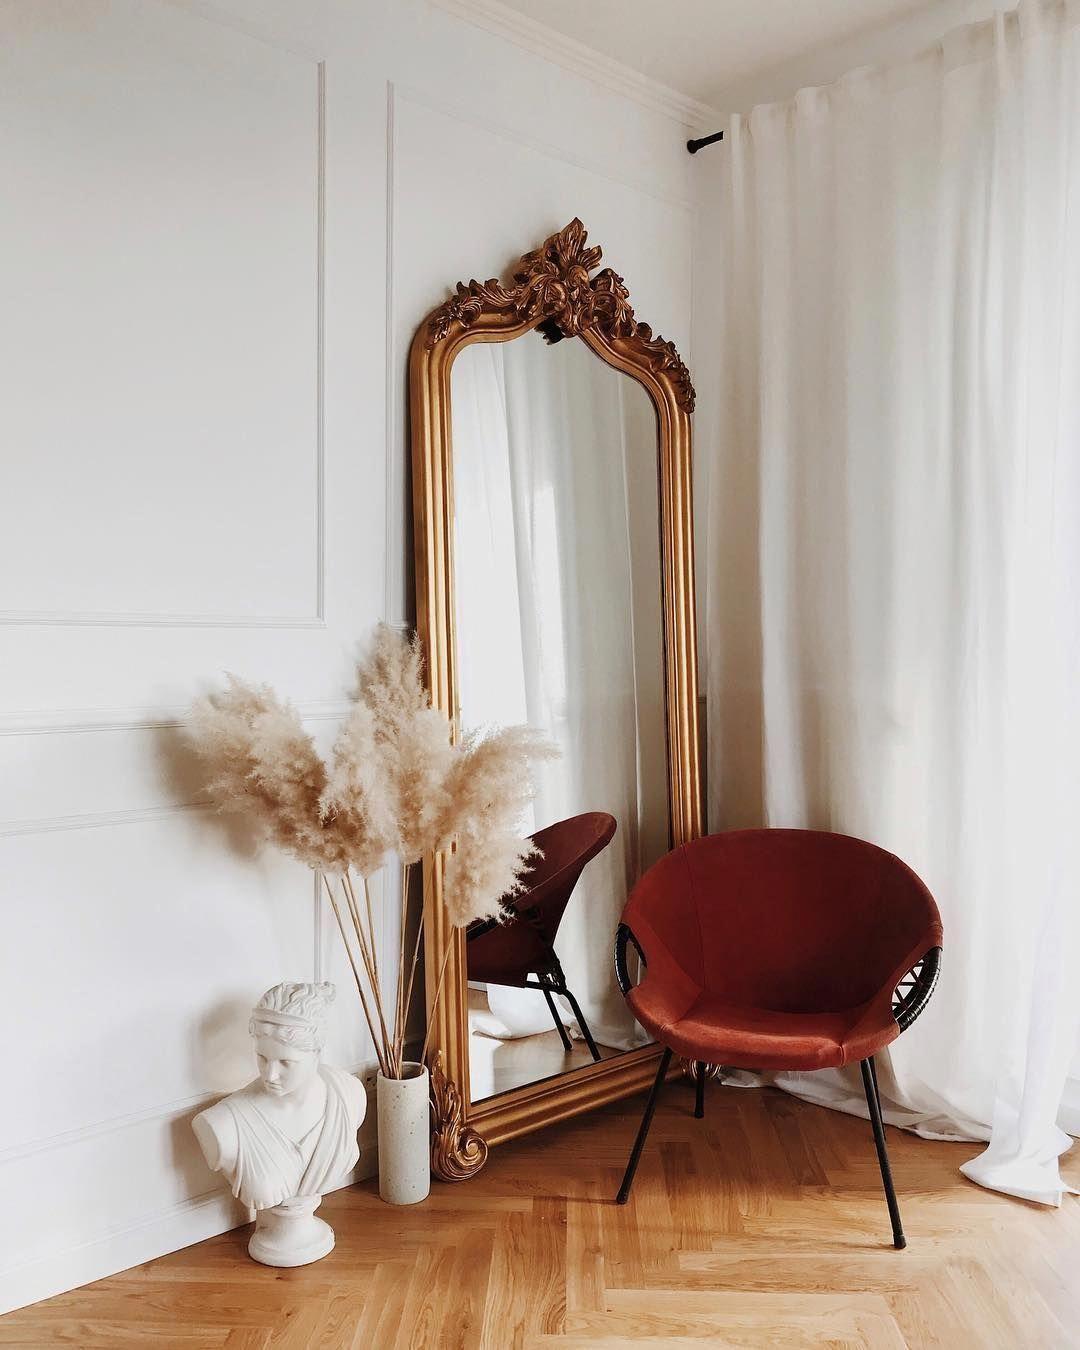 ilaria fatone inspirations - un miroir oversize posé au sol dans une entrée